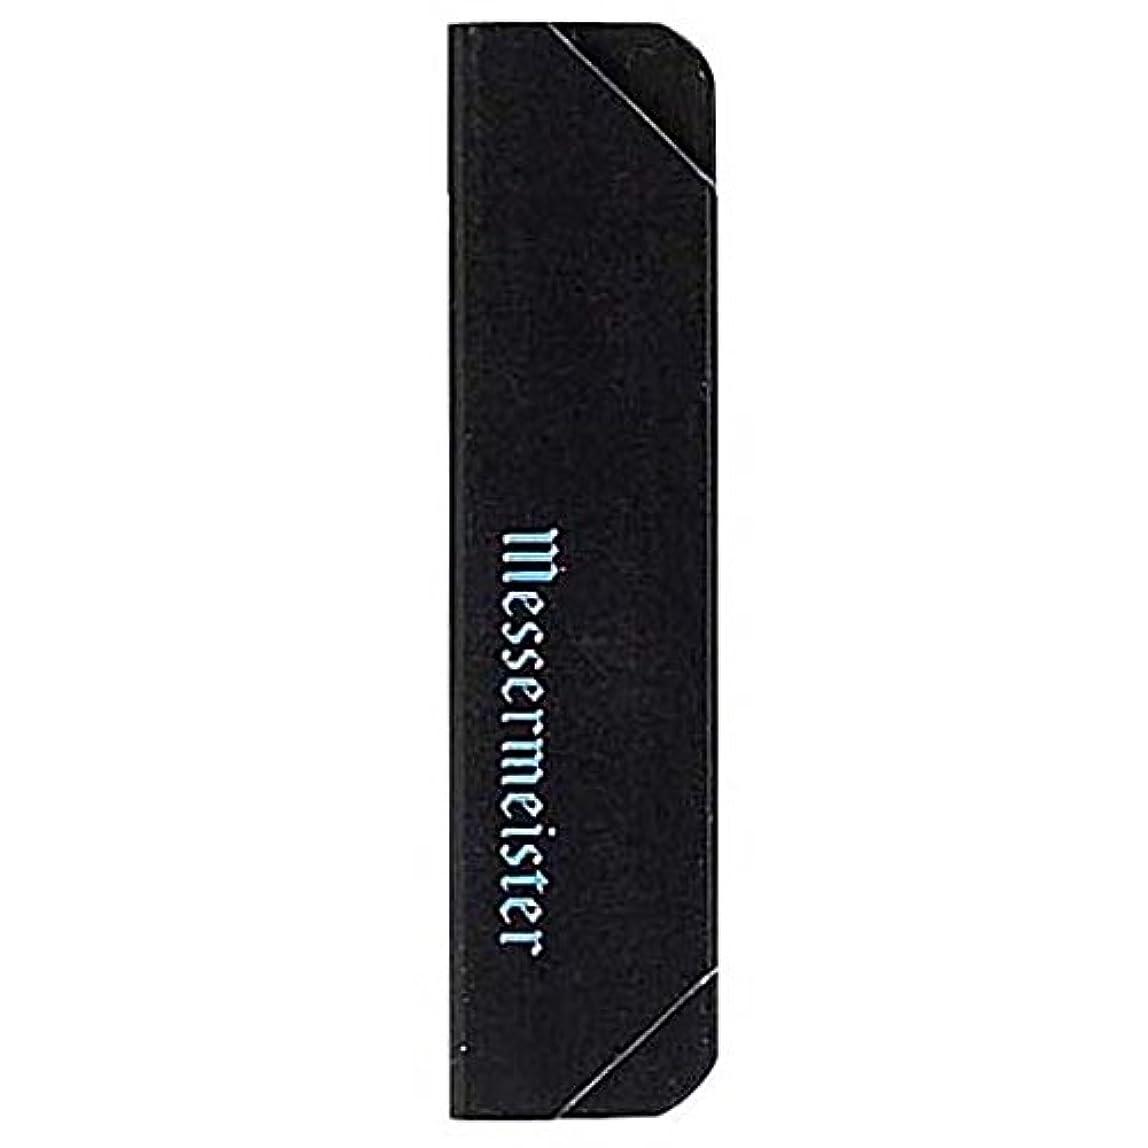 ええしなければならない弾力性のあるメッサーマイスター エッジガード 包丁カバー 3インチ 極小 ブラック 8.4×W1.6×0.4cm ESG03G